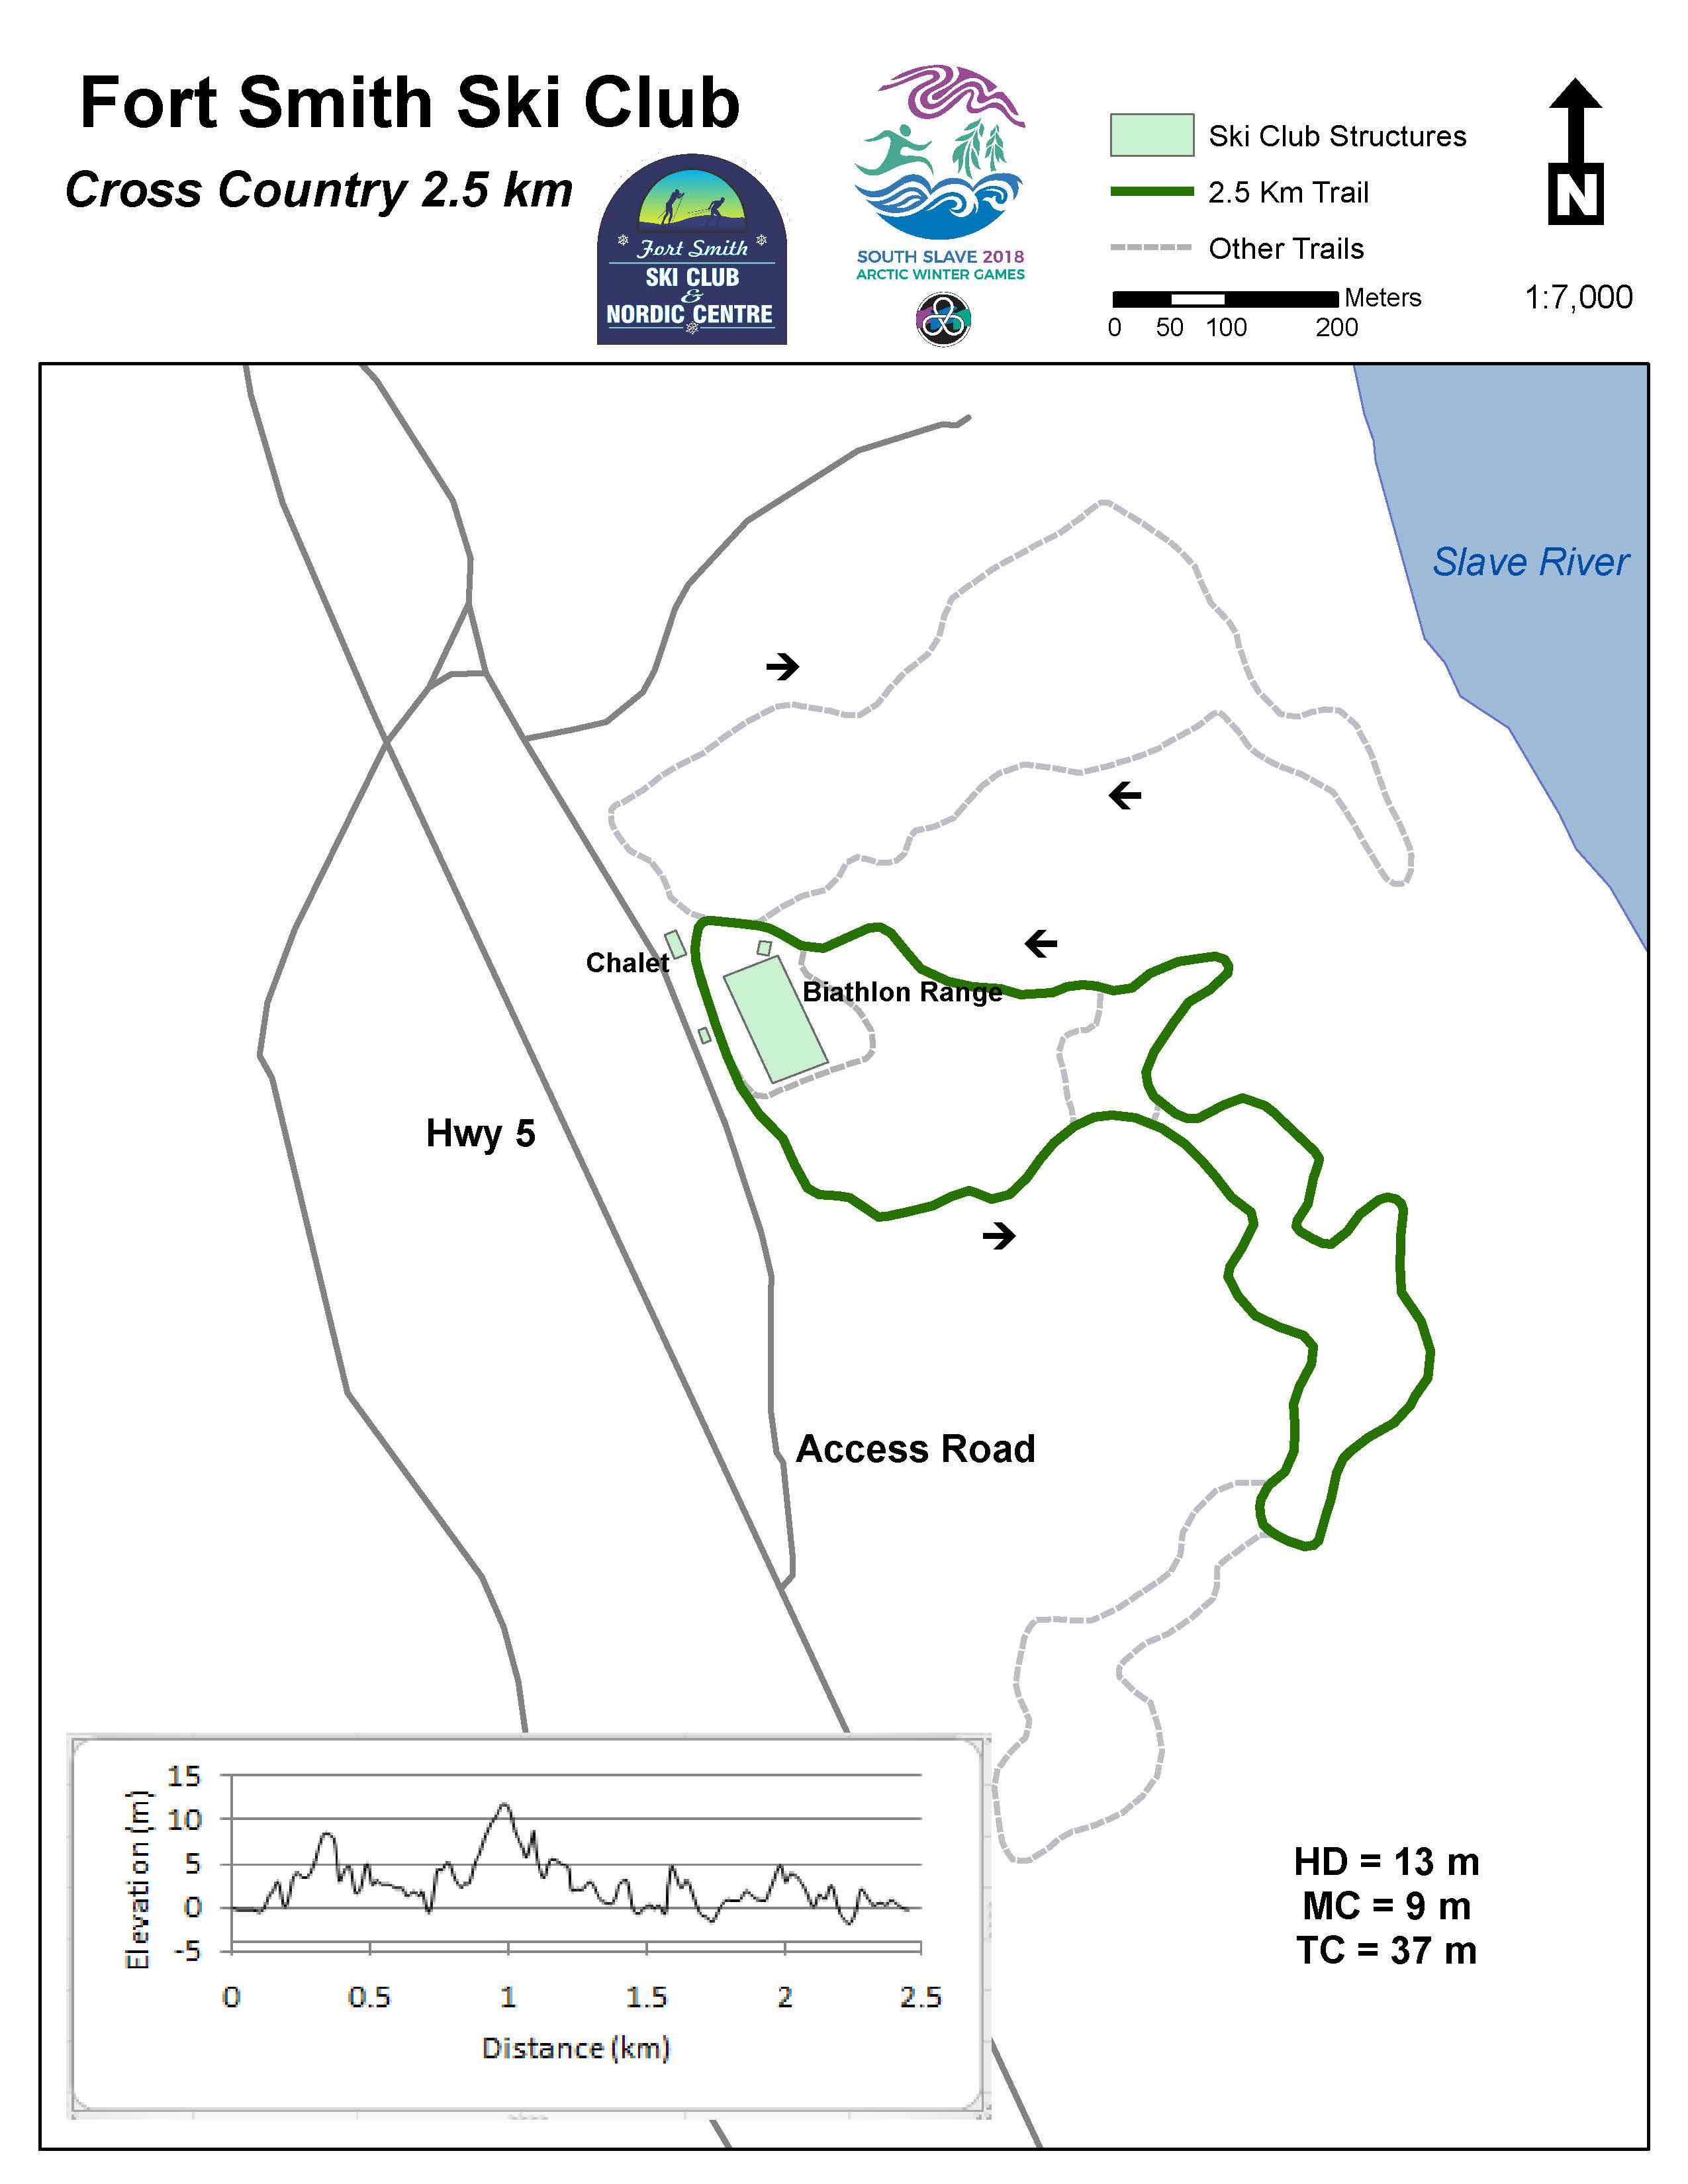 FSSC 2.5Km Trail